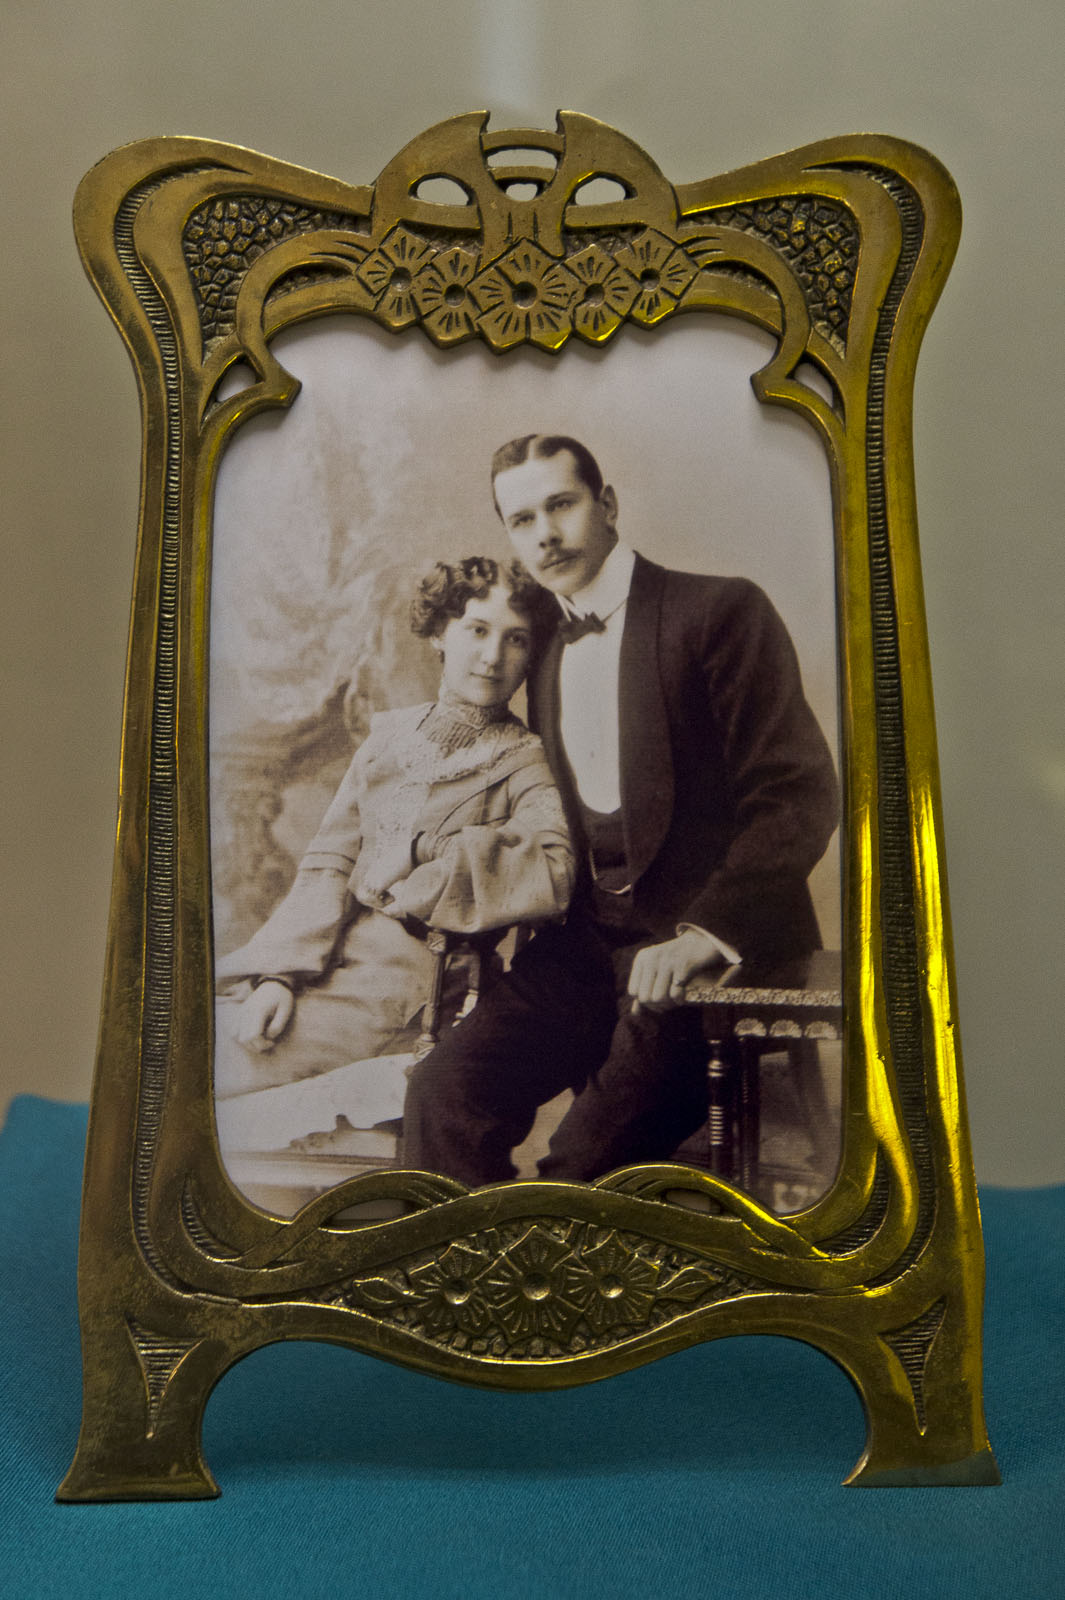 Фото №79954. Фоторамка. Россия, нач. XX века, бронза